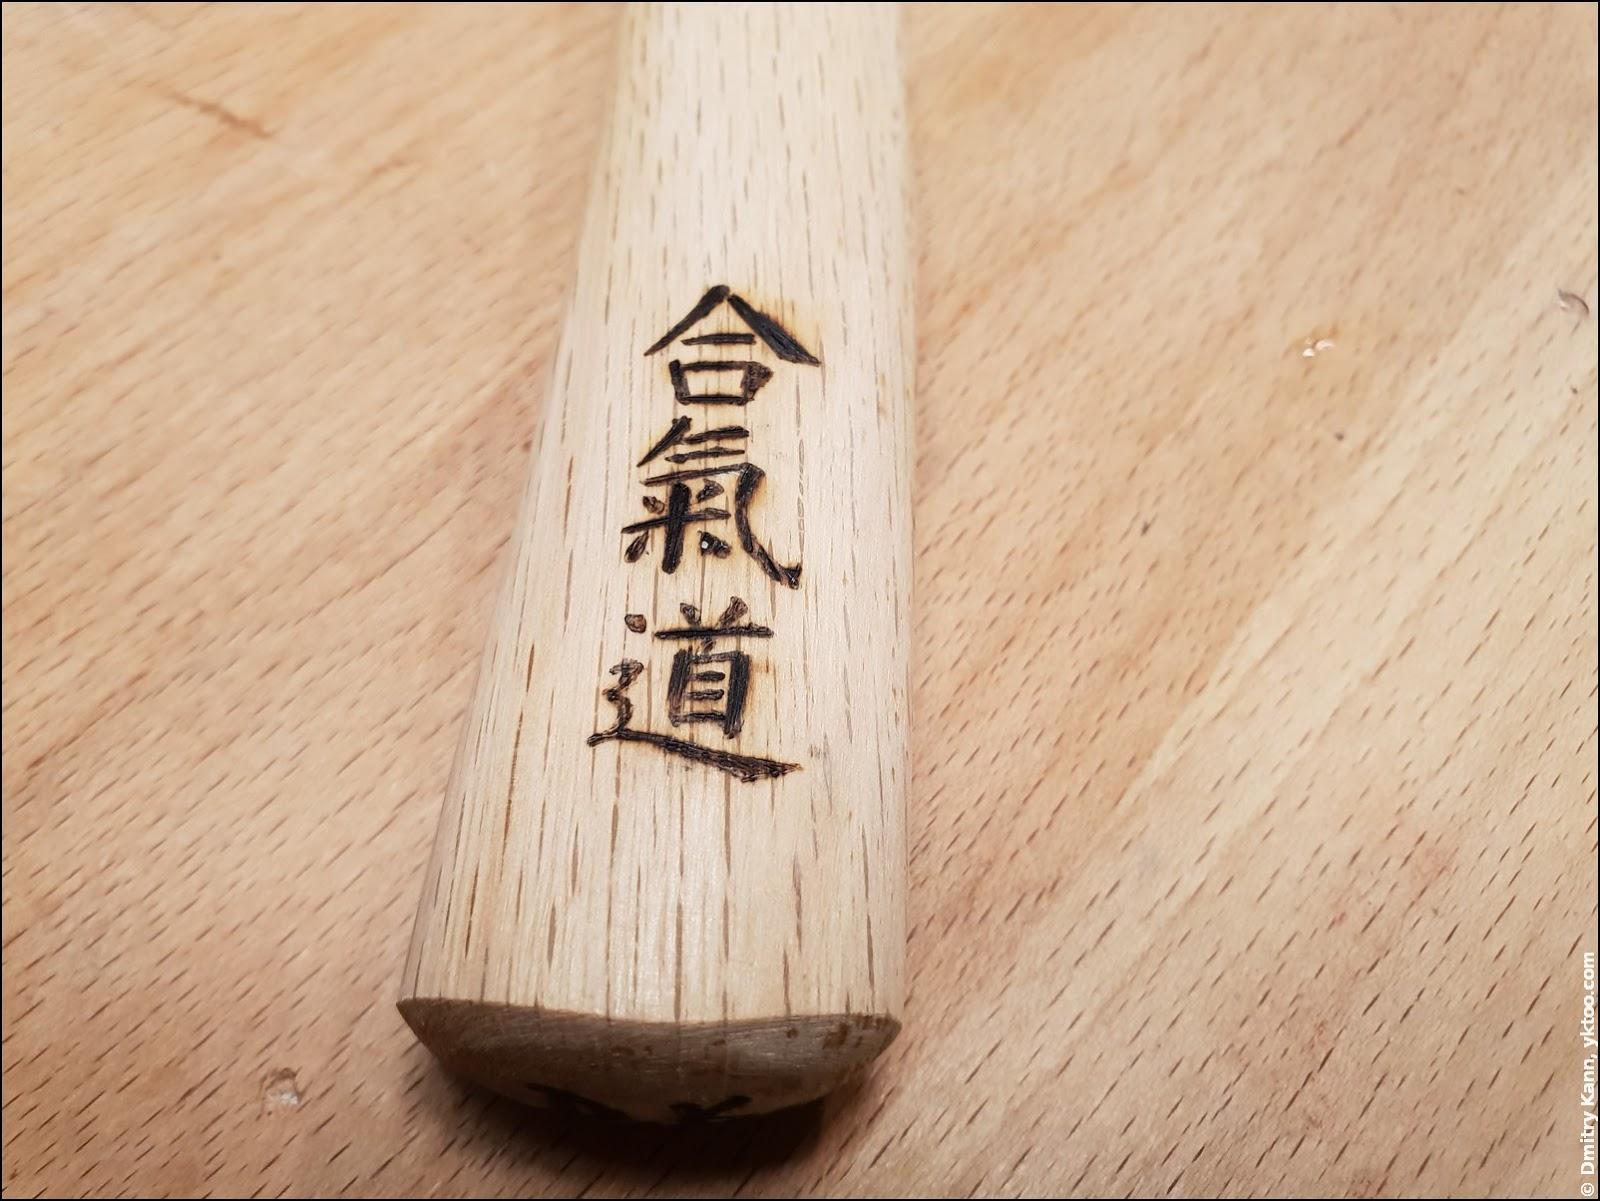 Танто с надписью 合気道.